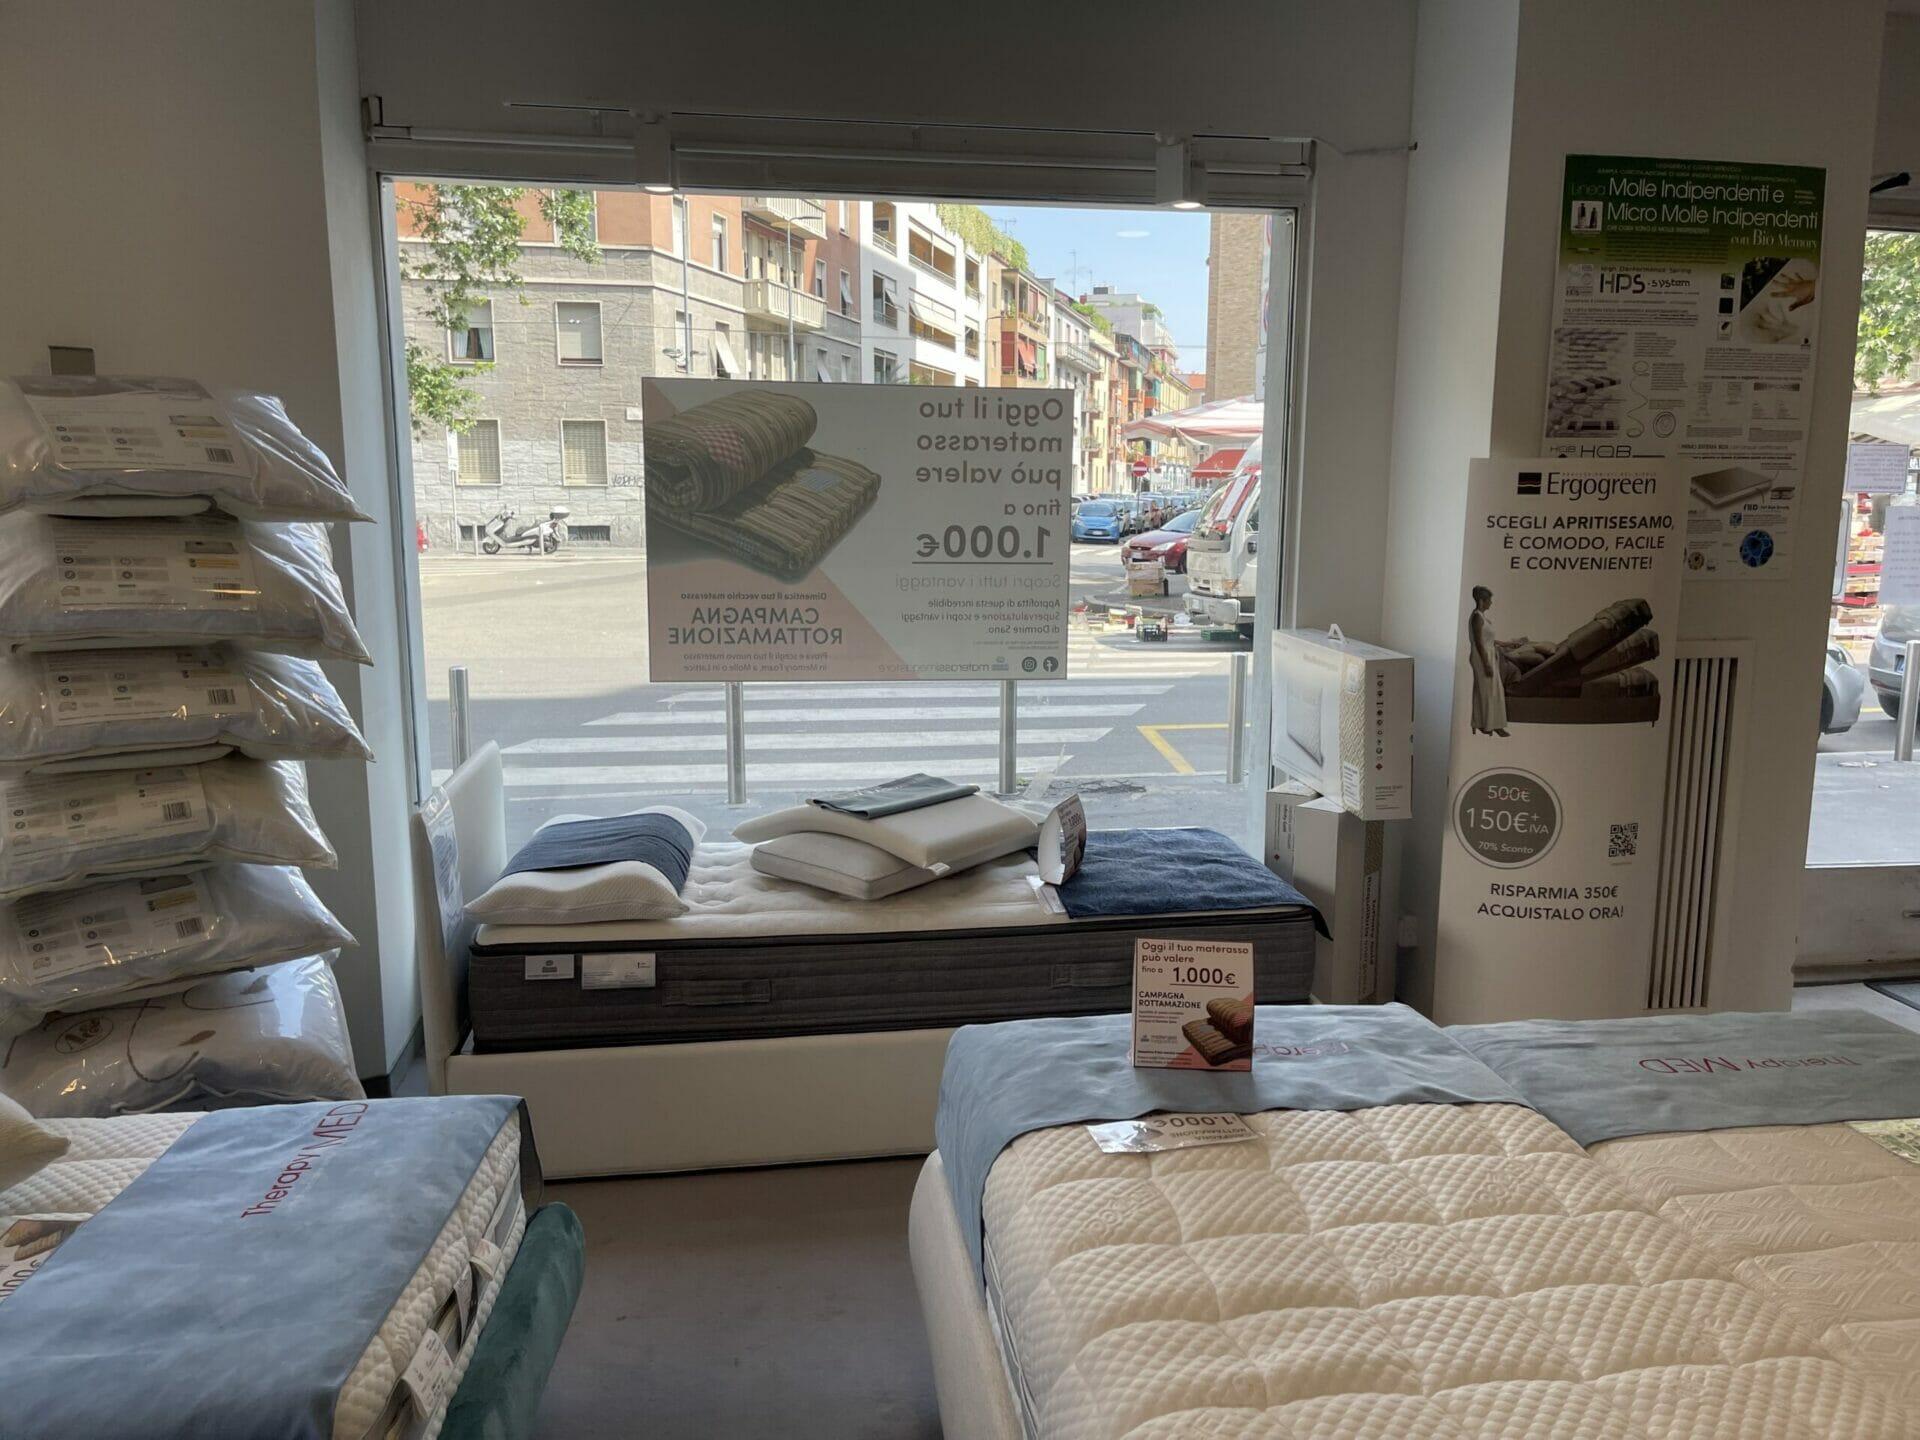 Materassimegastore Punto vendita Milano Via Osoppo 10